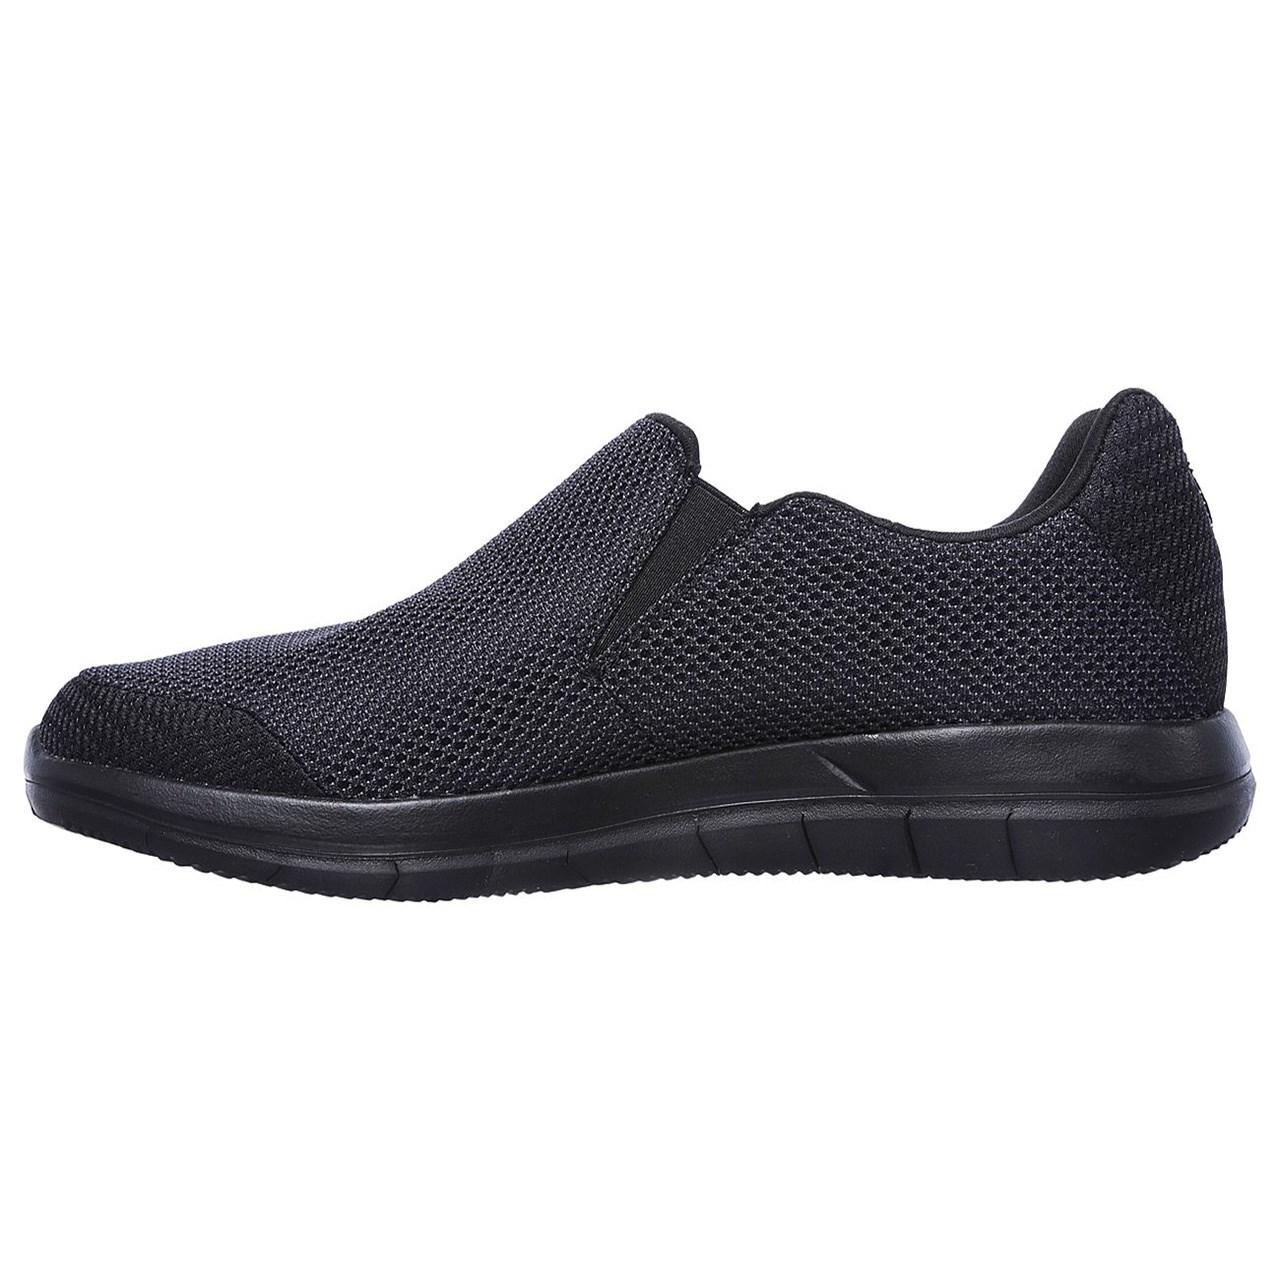 قیمت کفش مخصوص پیاده روی مردانه اسکچرز مدل GO Flex Walk